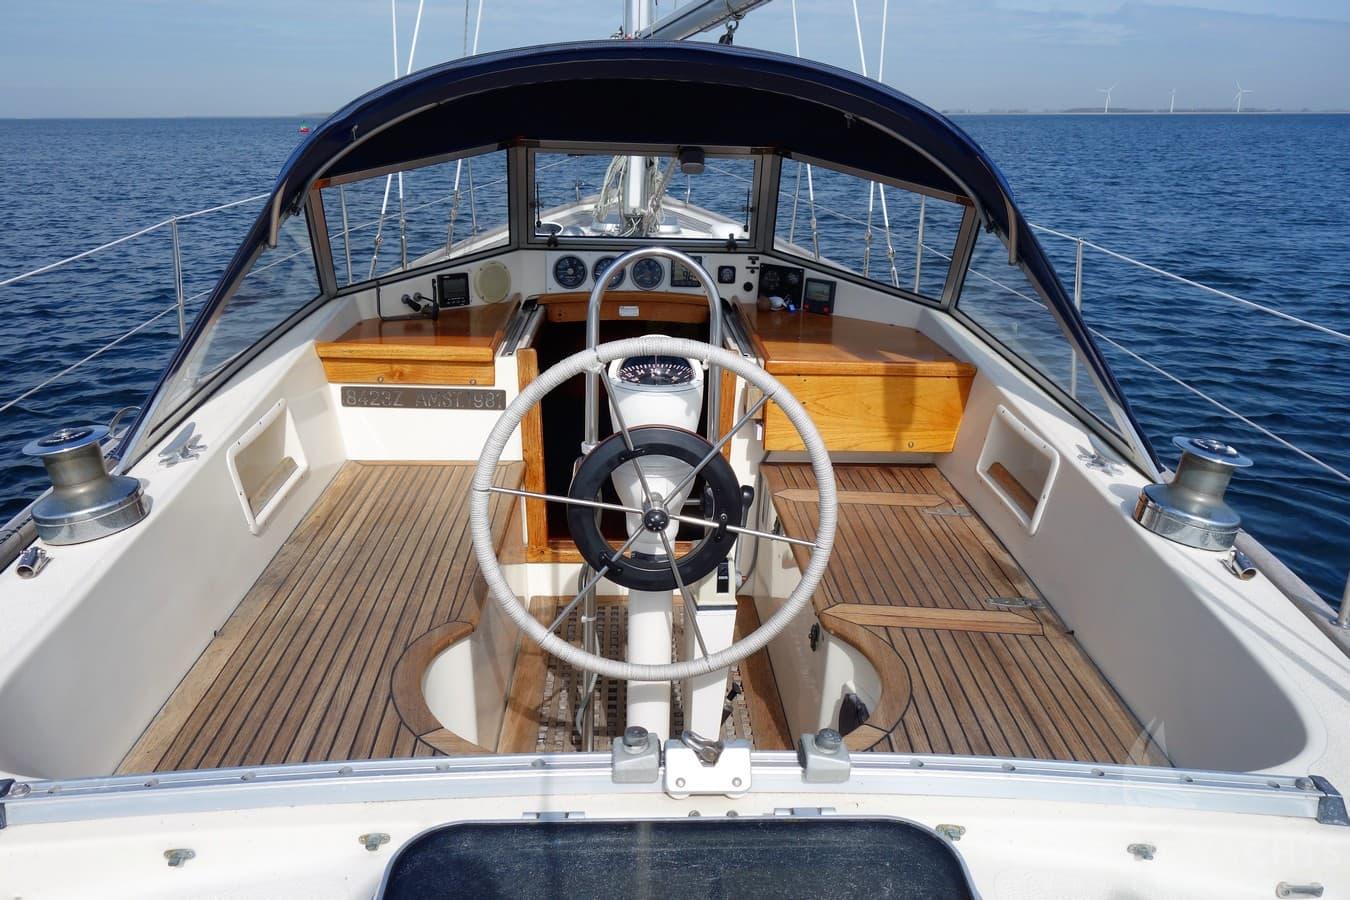 Hallberg-Rassy 352 - House of Yachts